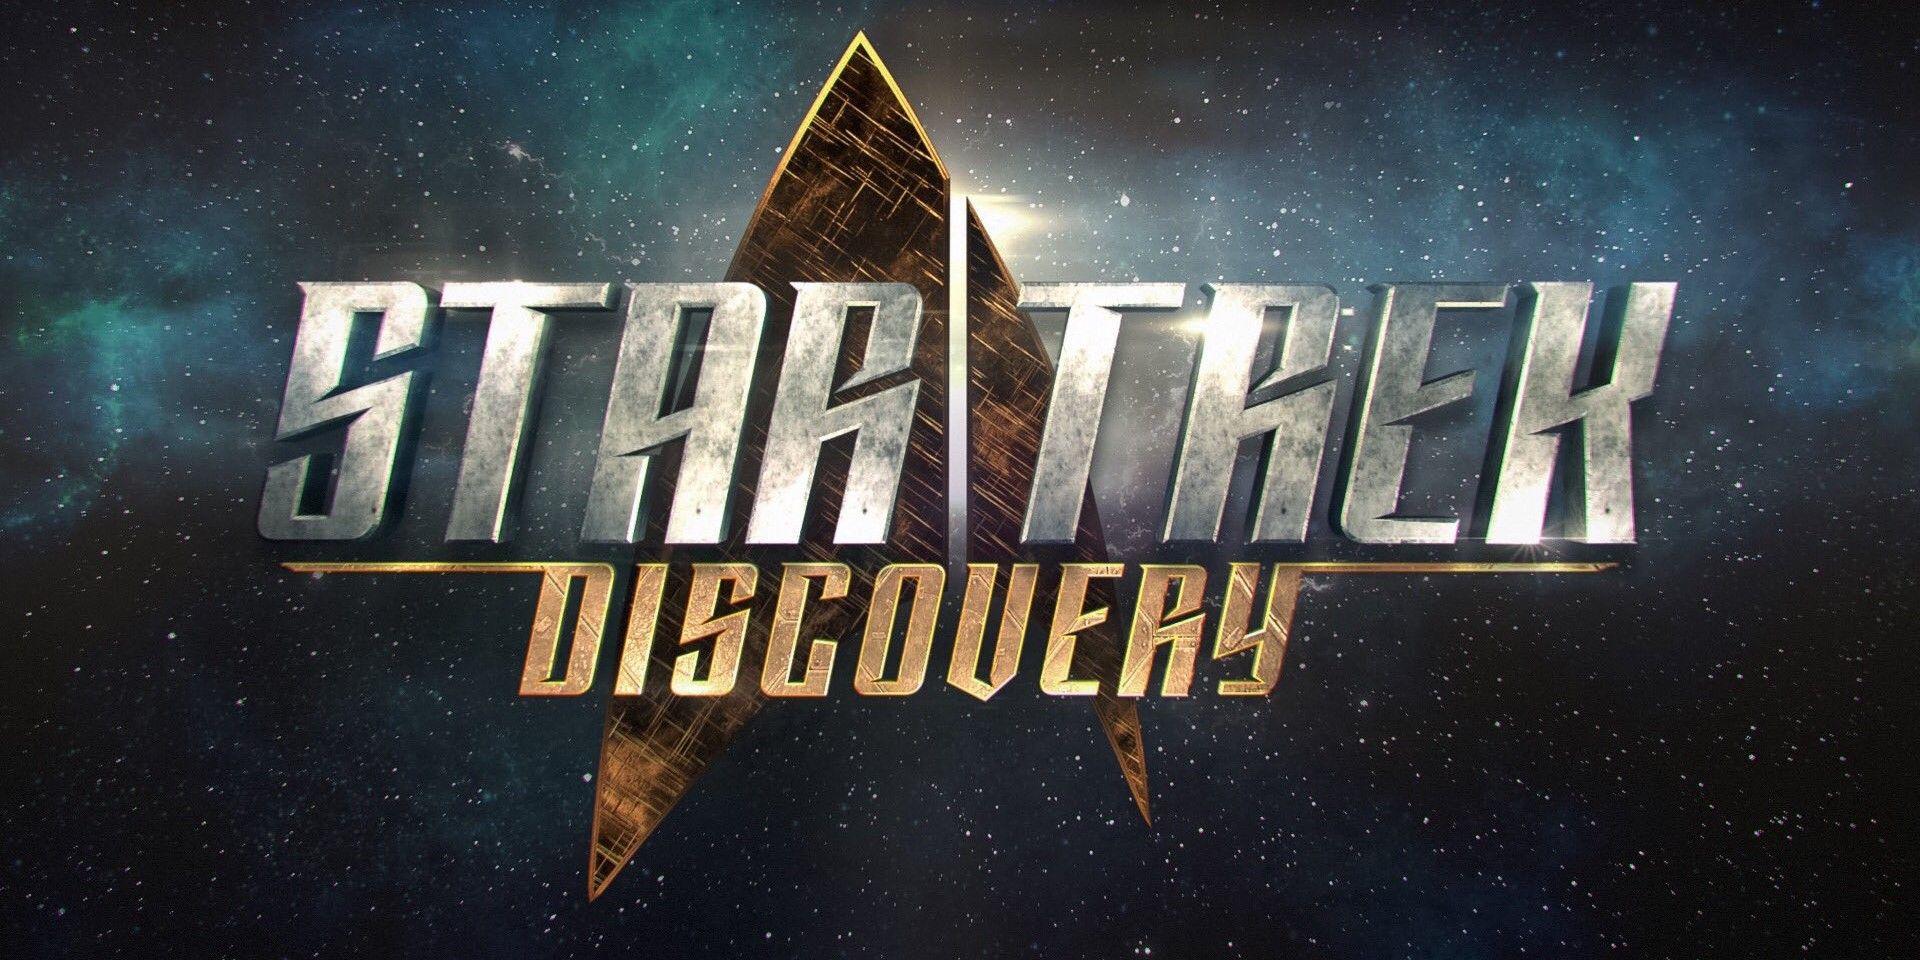 Rod Roddenberry Praises Star Trek: Discovery Showrunners